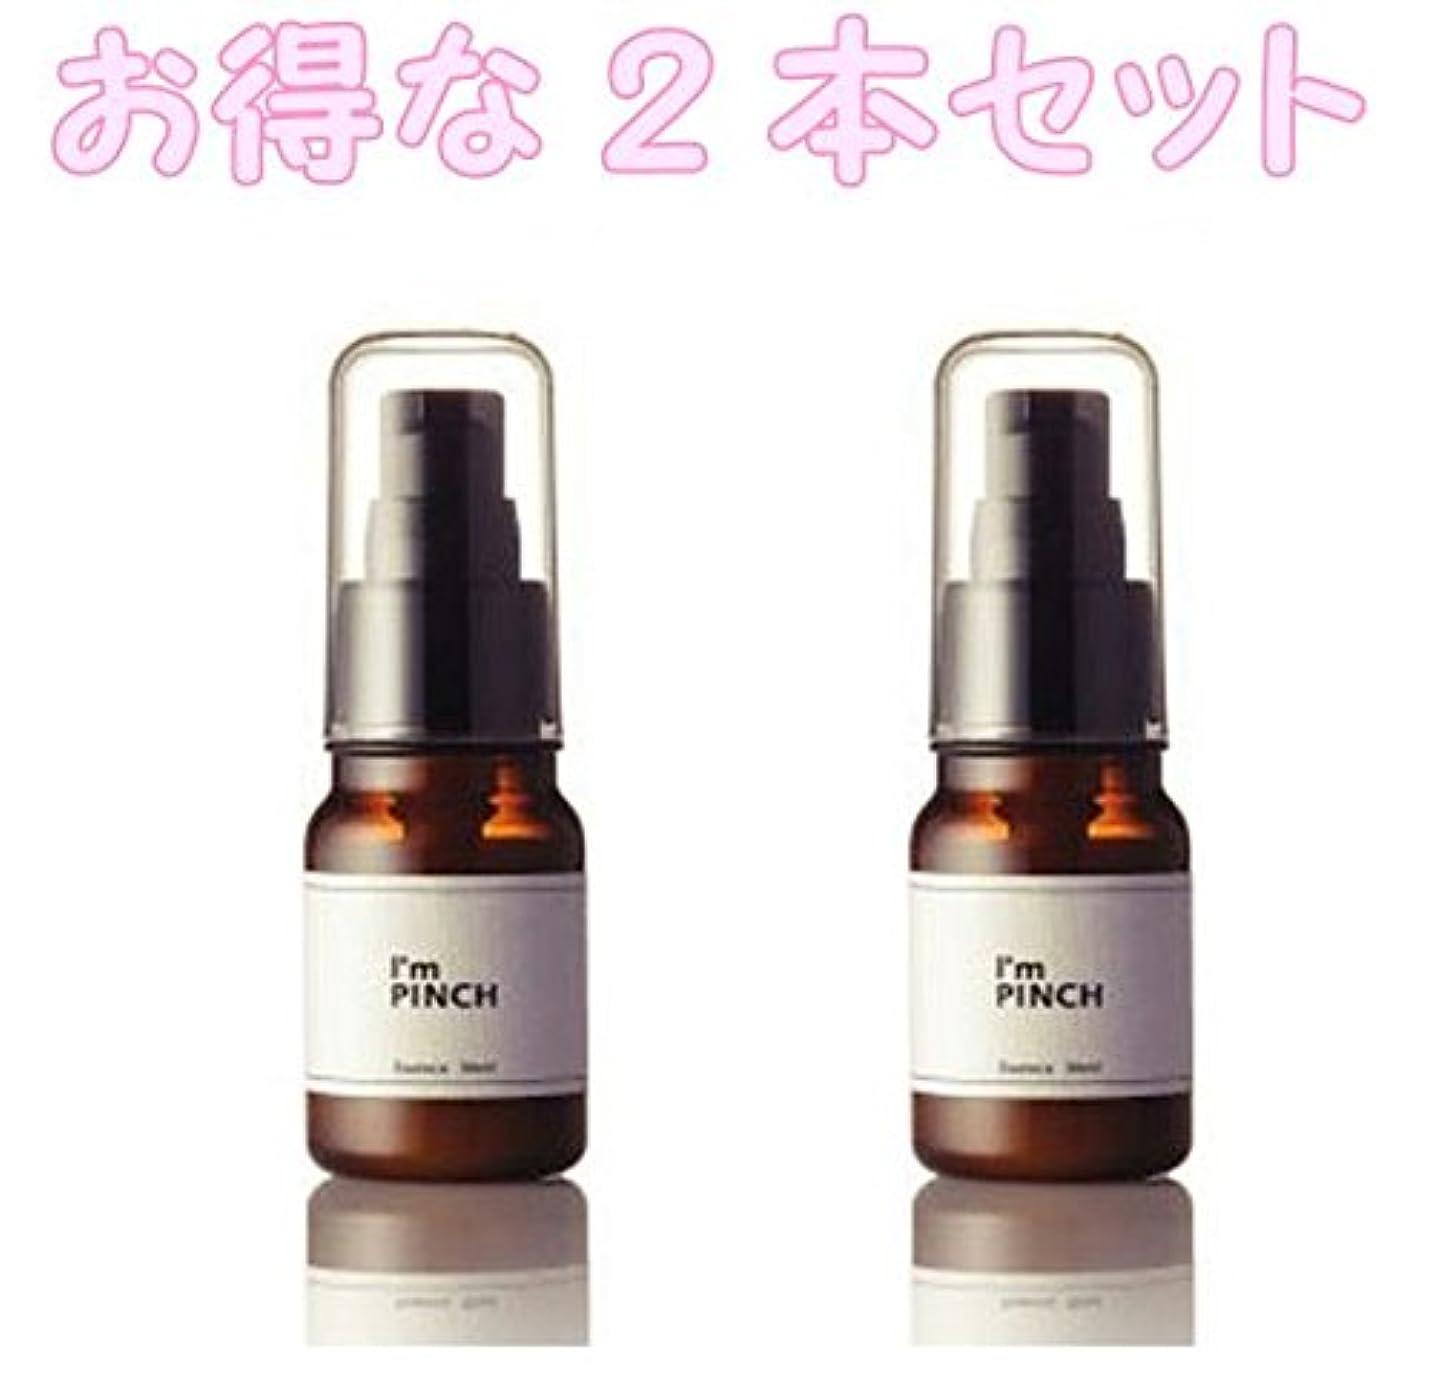 ドナーウサギ空気【2本セット】 乾燥からお肌を救う美容液 I'm PINCH(アイムピンチ)10ml